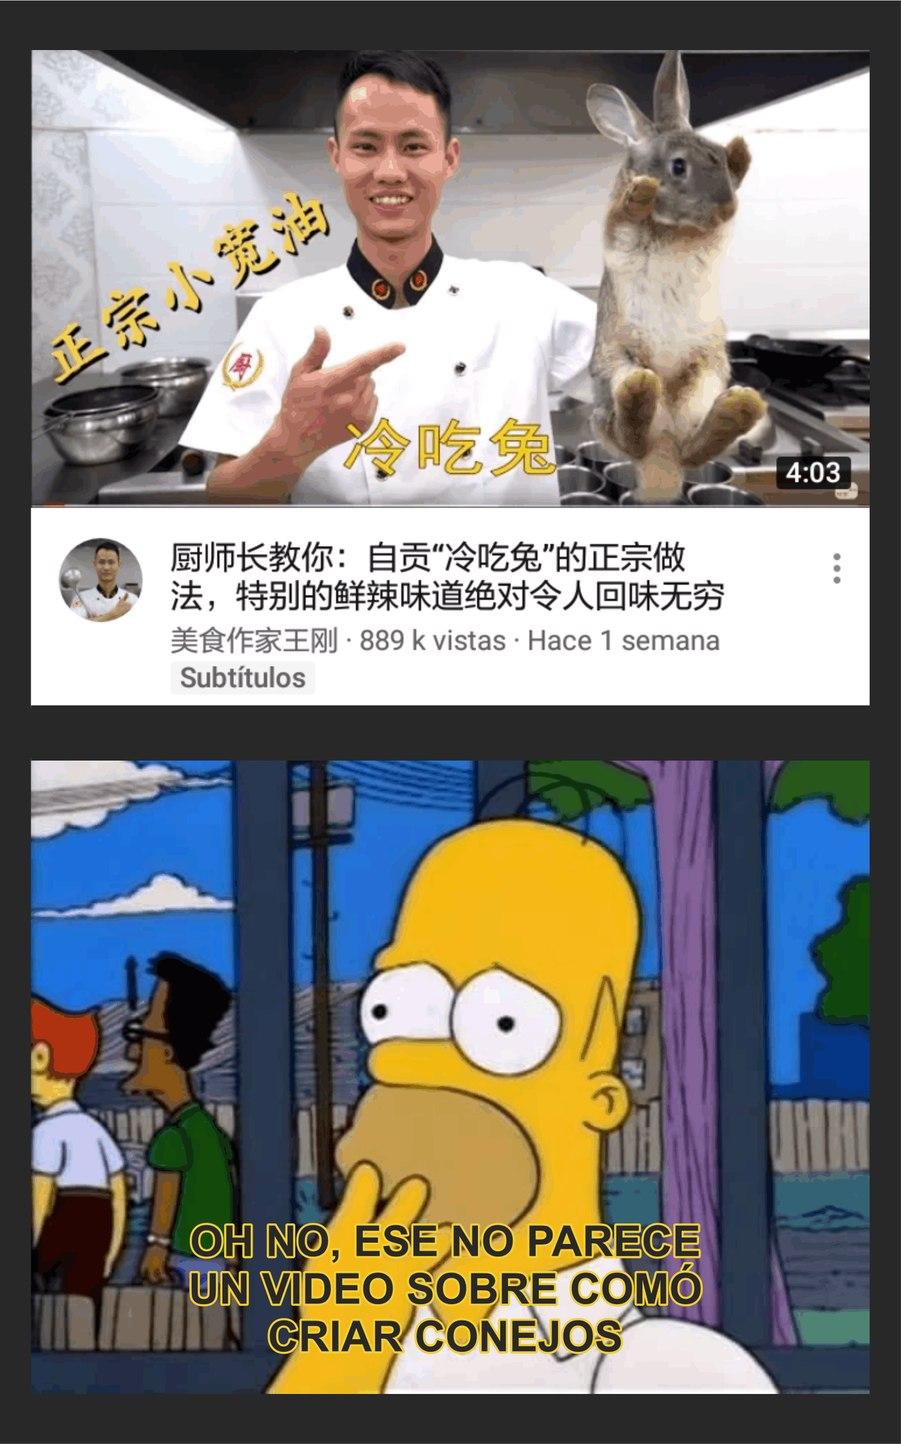 No me dejan de salir vídeos de ese chino en mi inicio de youtube - meme